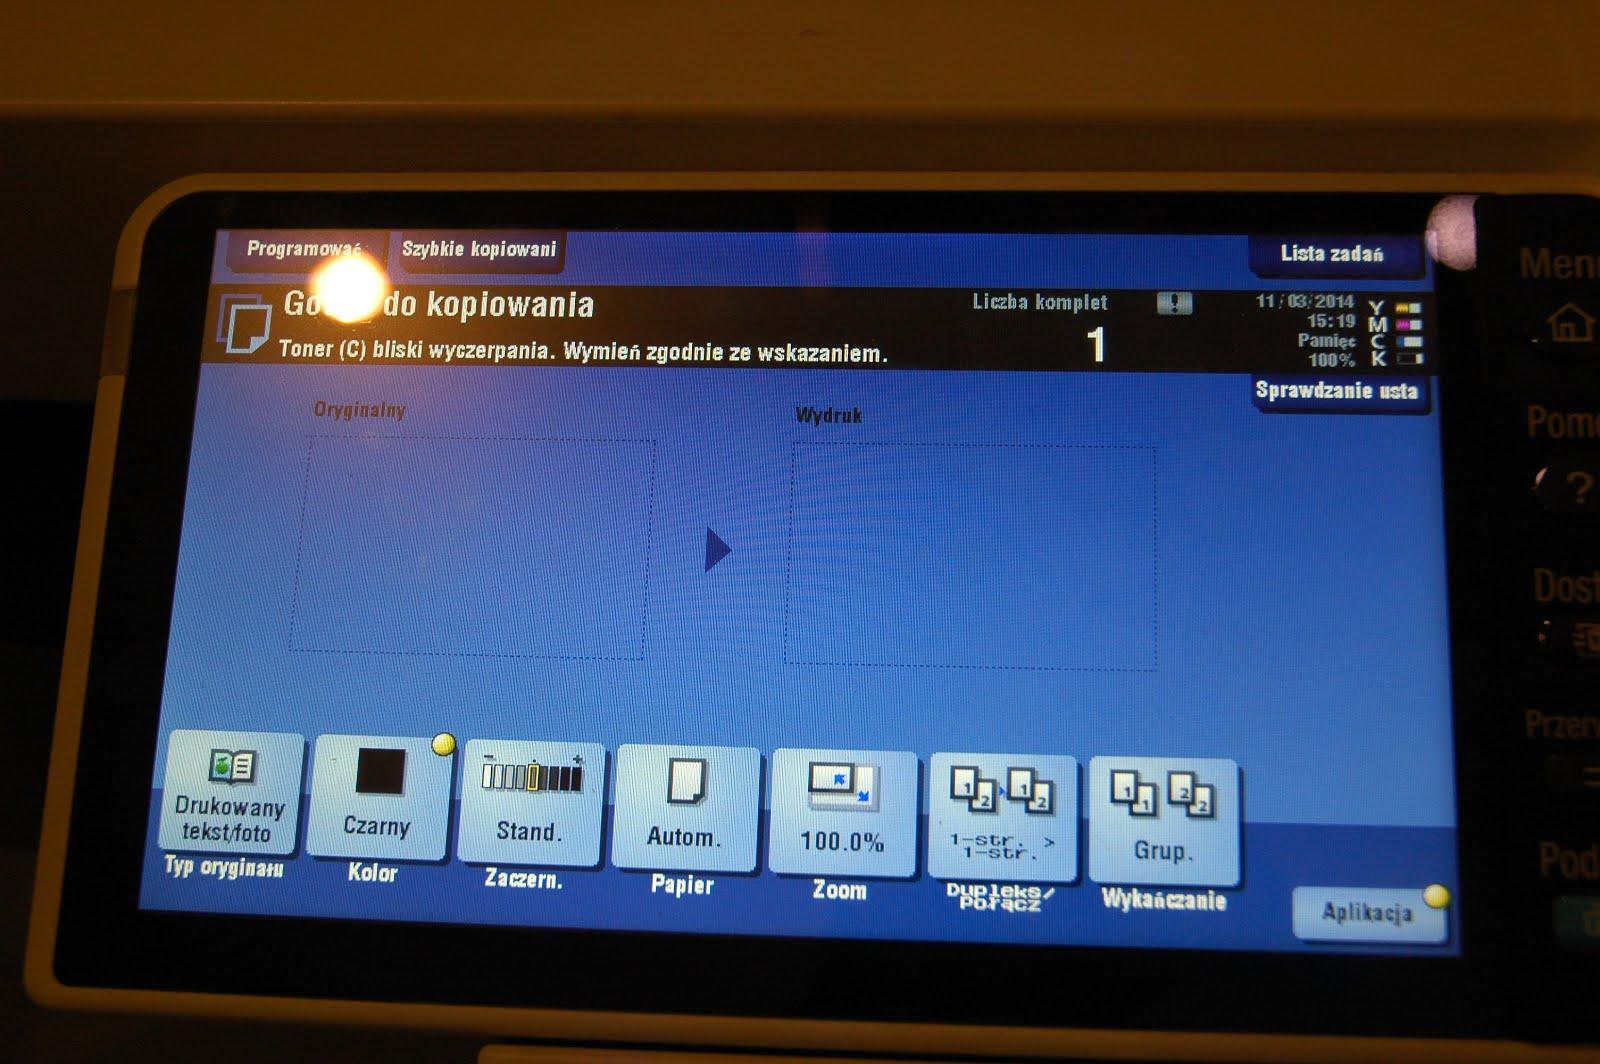 ekran kserokopiarki konica minolta informujący o kończącym się tonerze